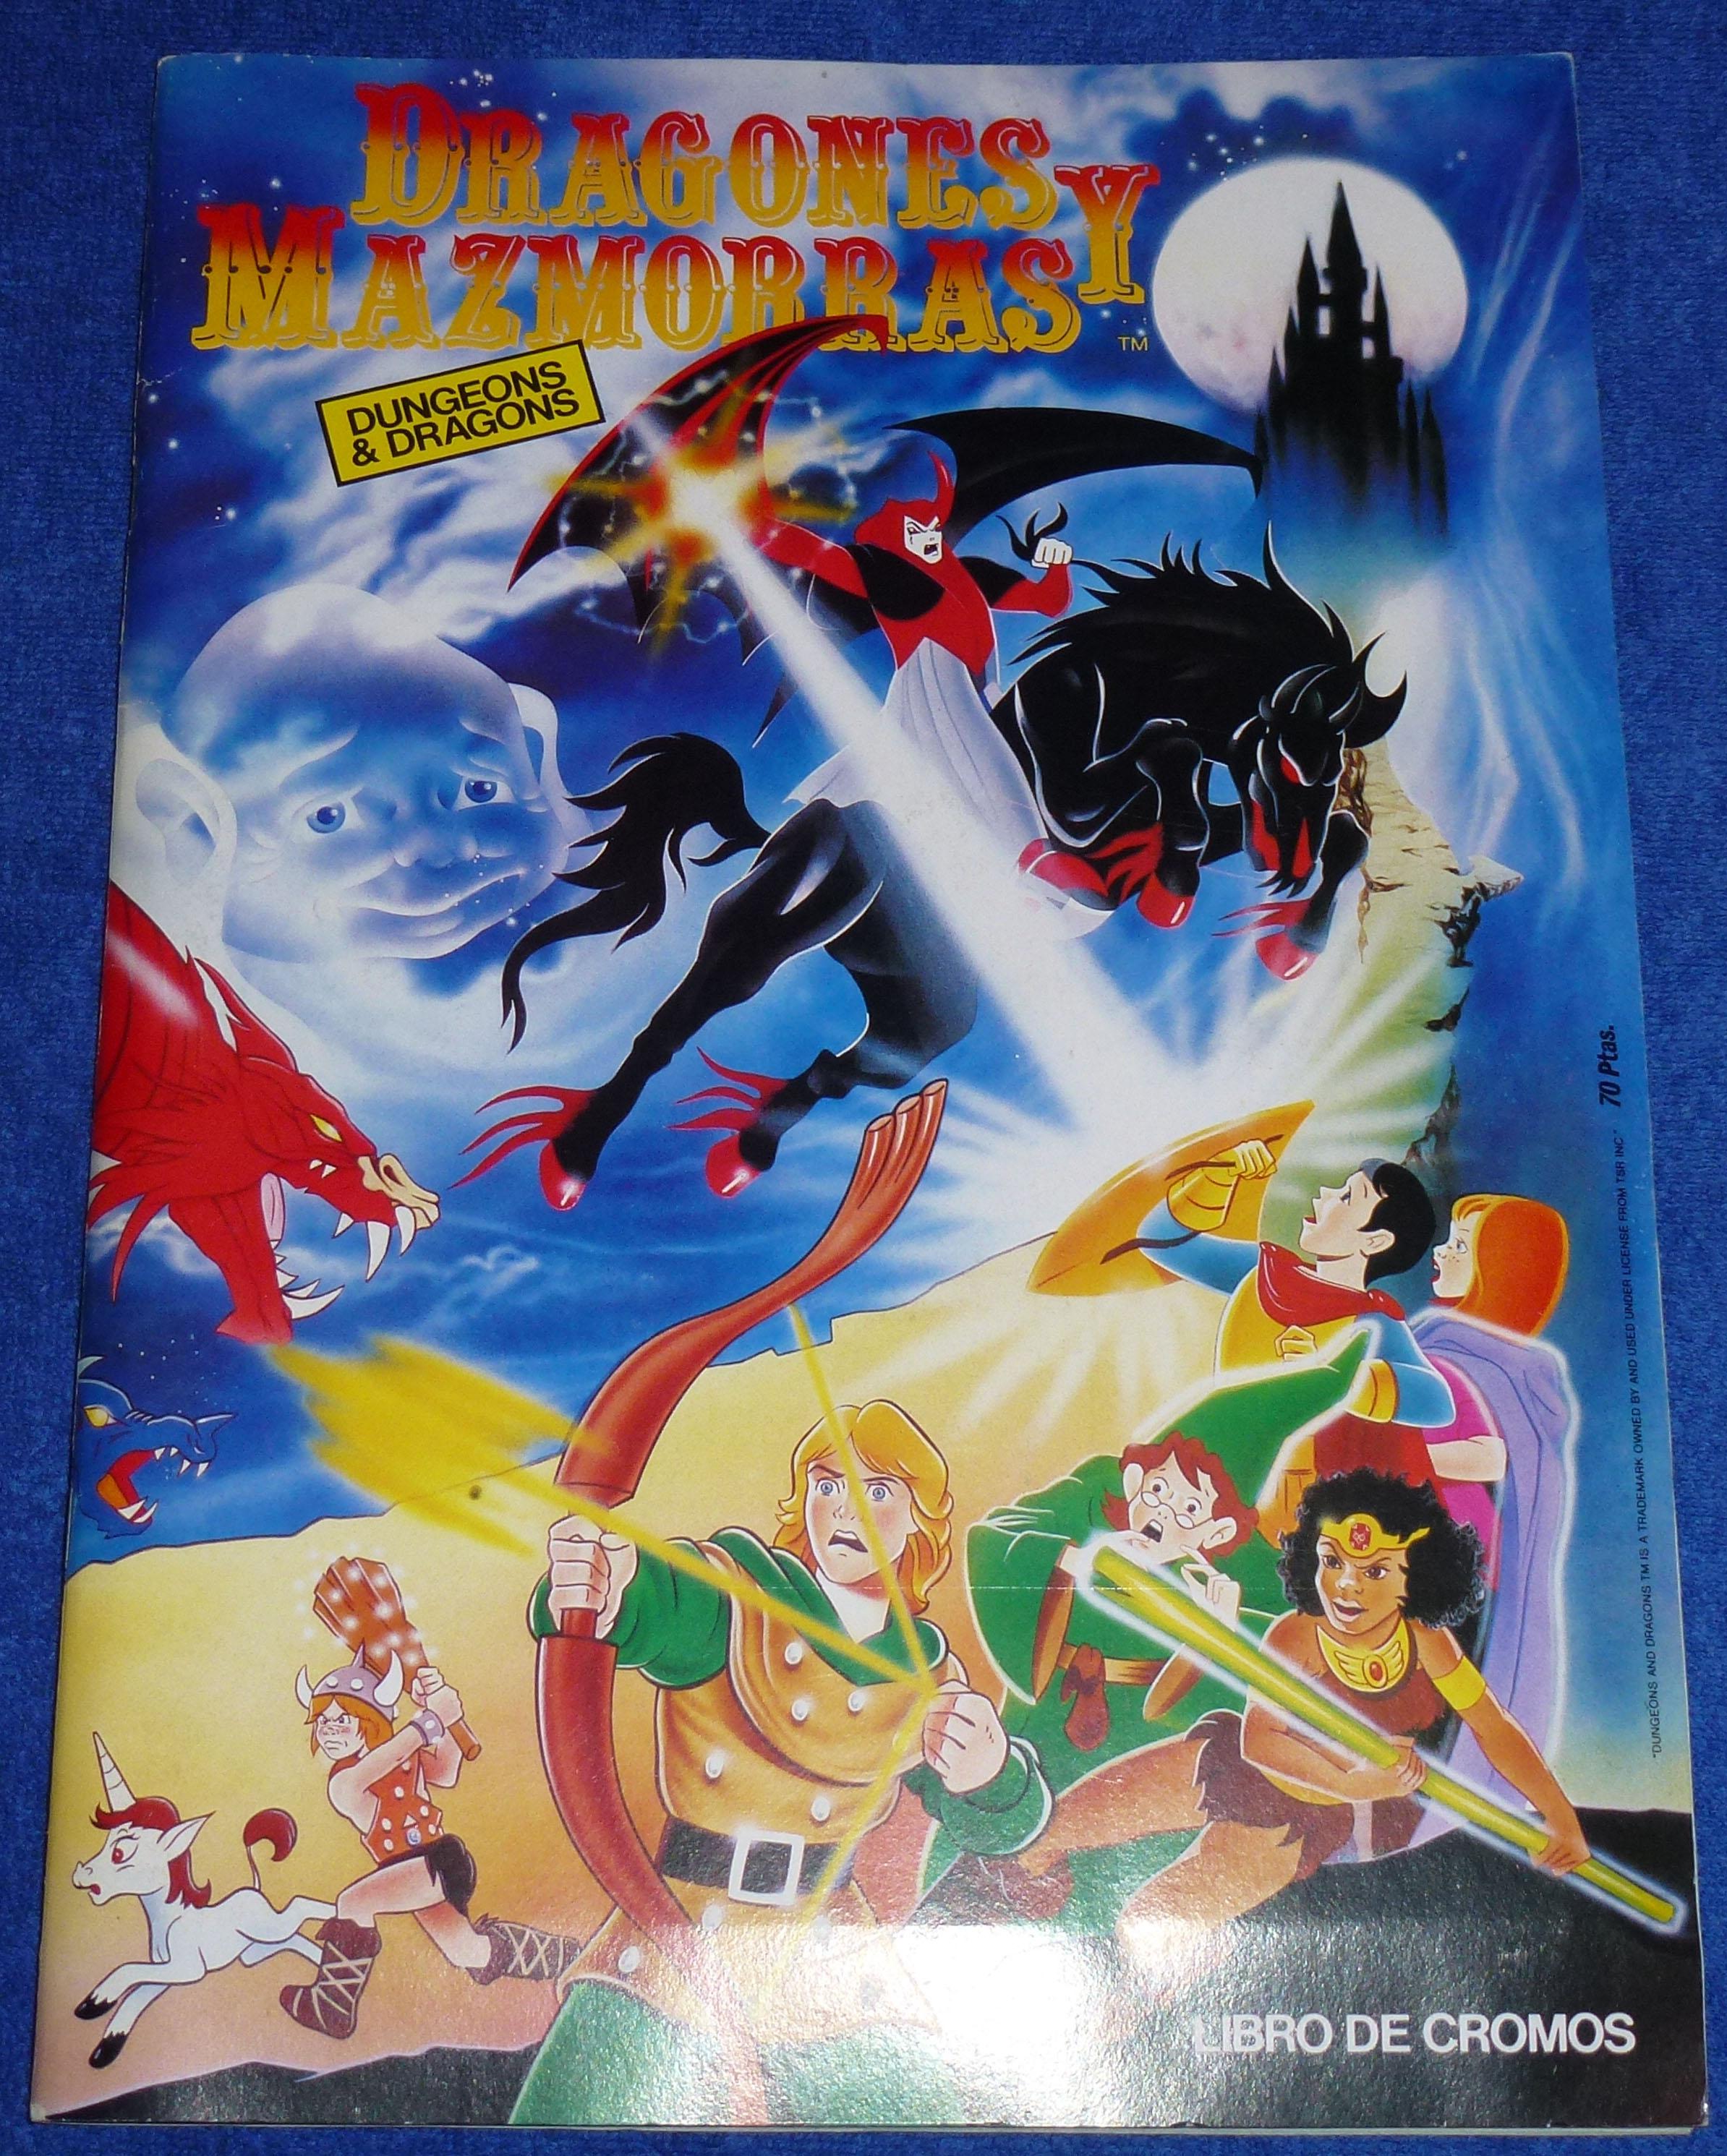 album cromos dragones mazmorras